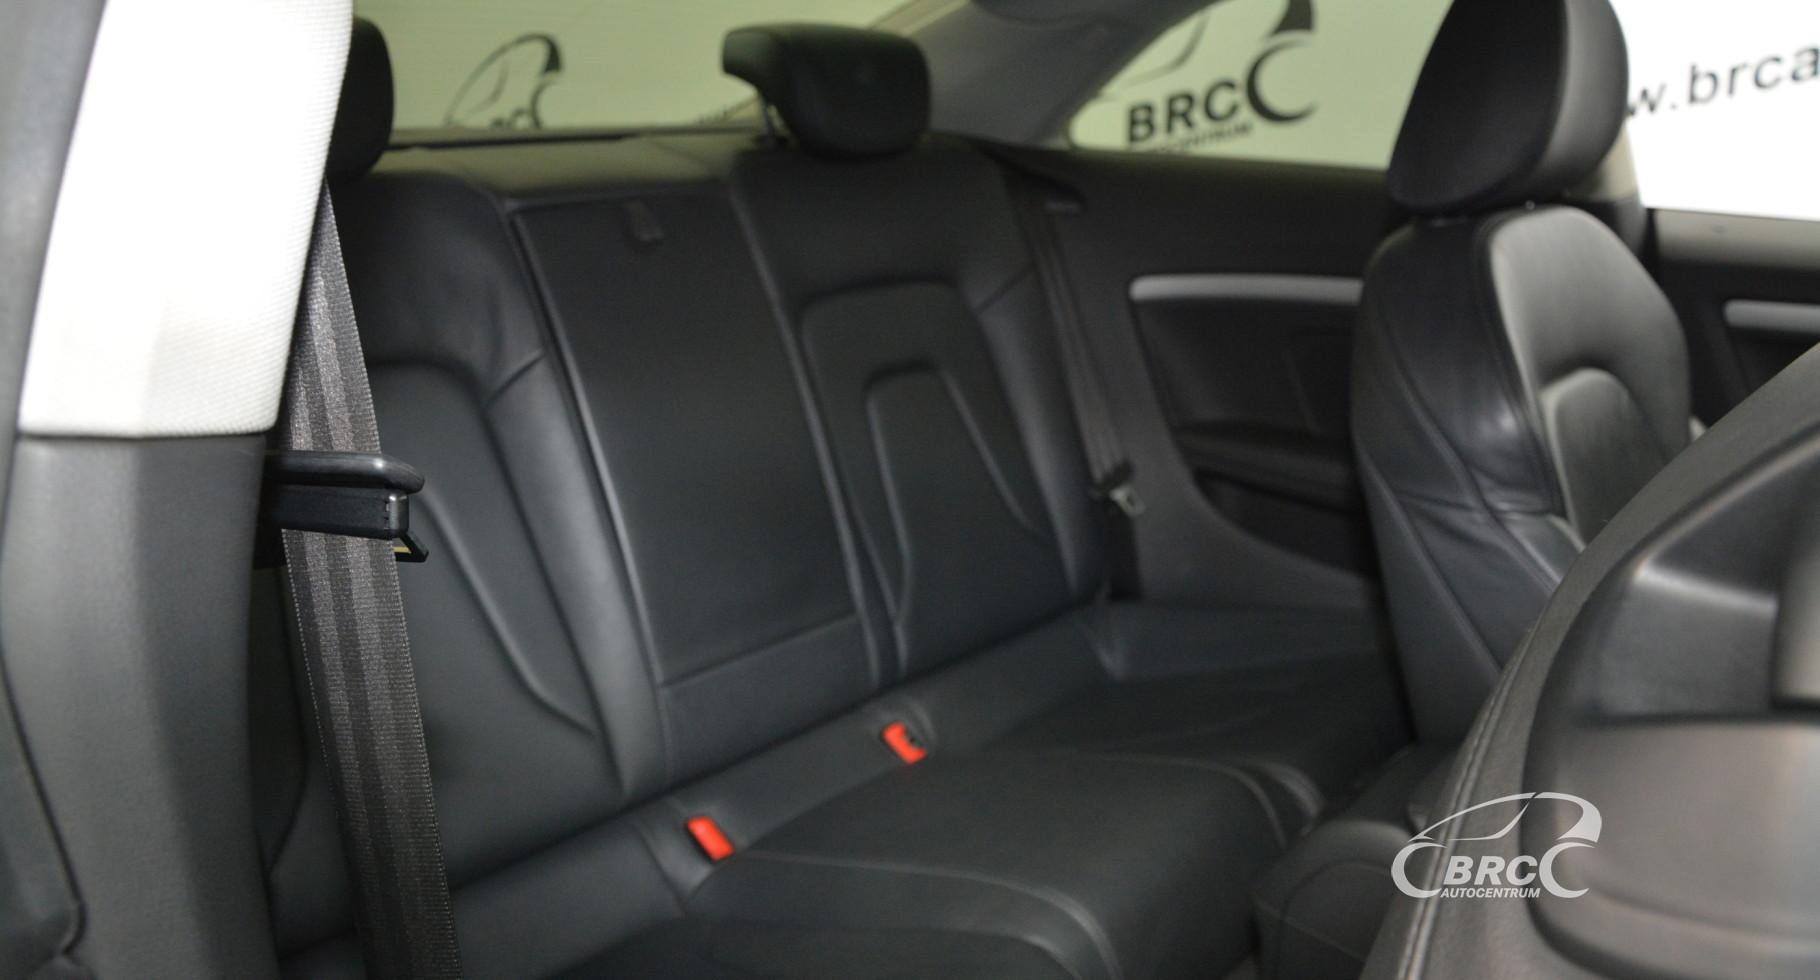 Audi A5 3.0 TDI Quattro Automatas